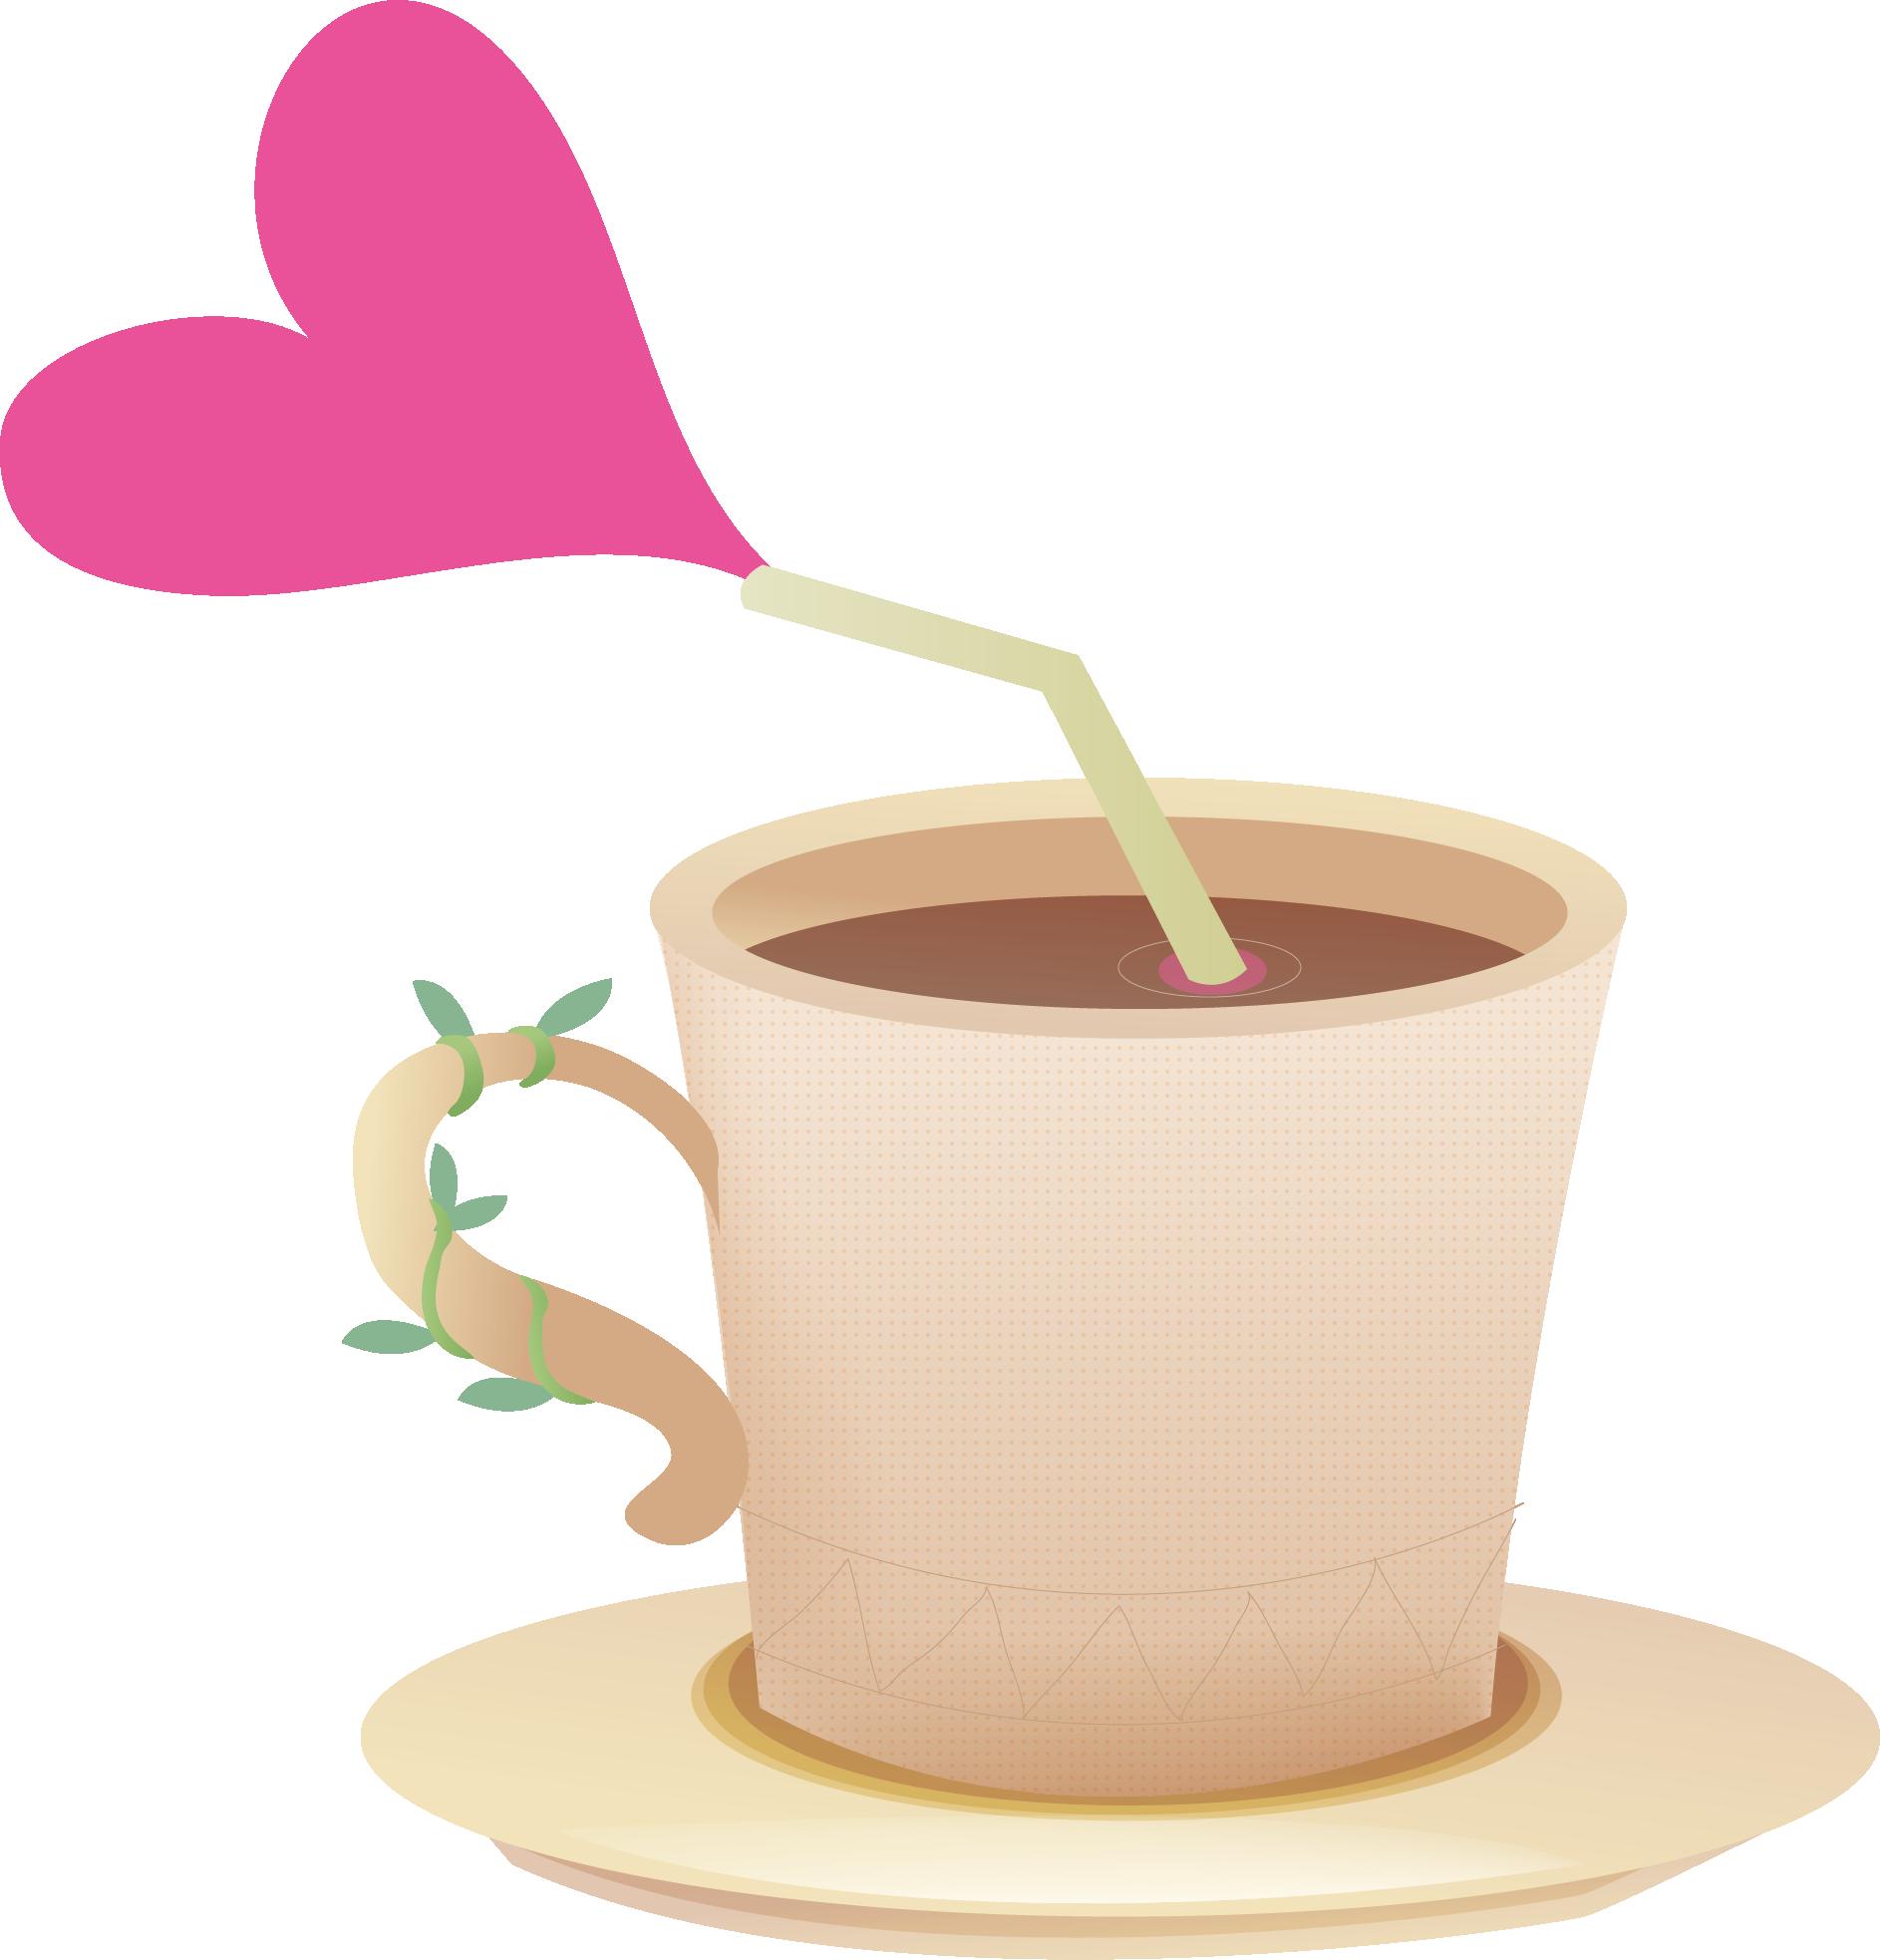 Clipart milk half cup. Pots png vector elements